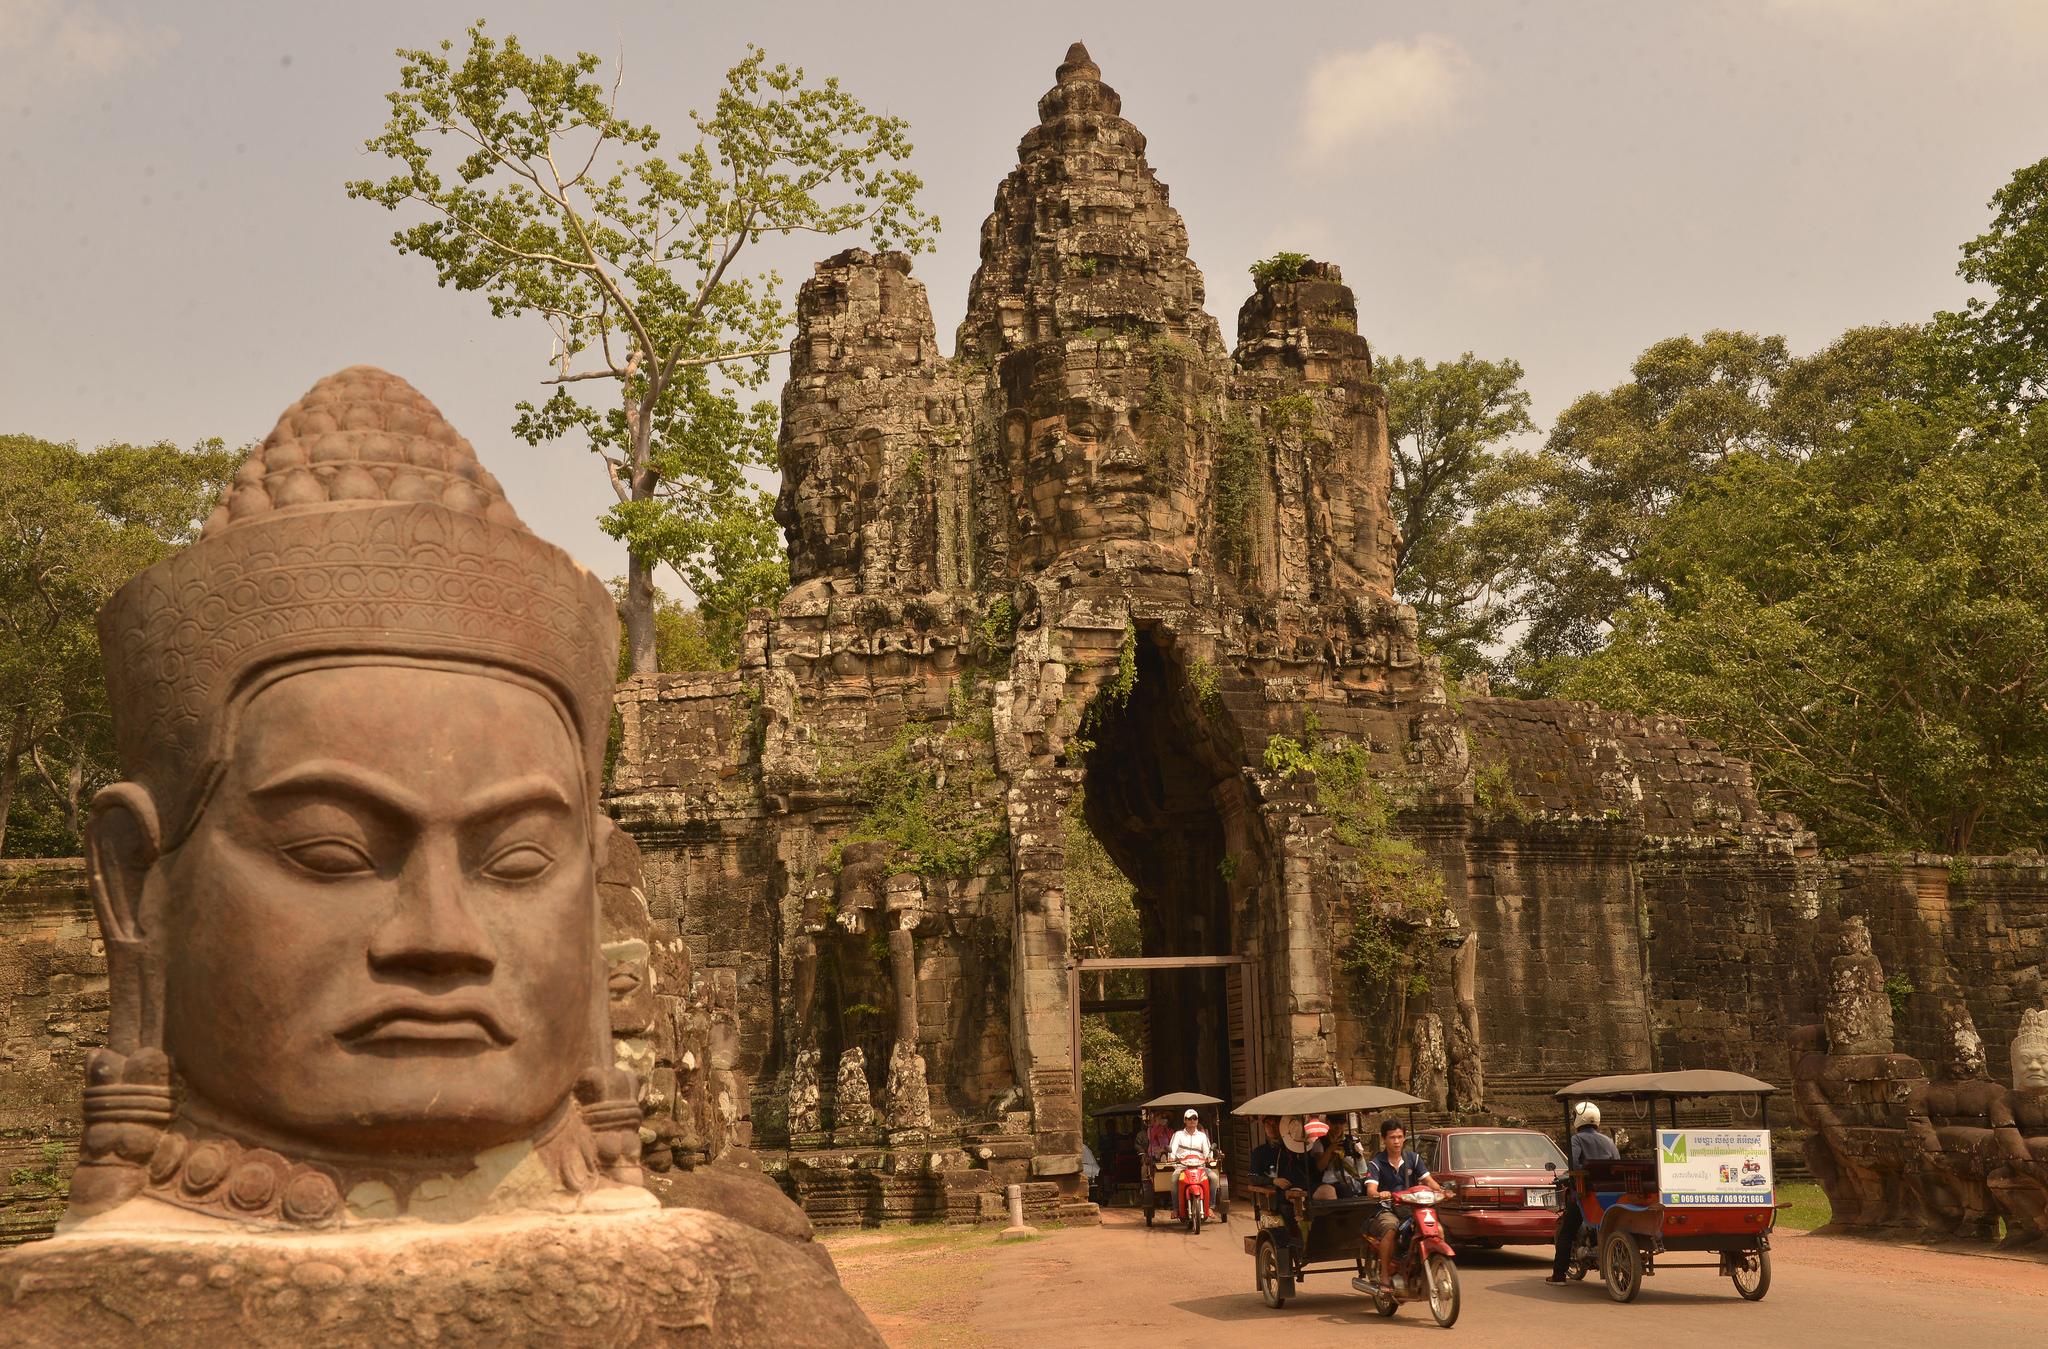 Angkor.Thom.original.14366